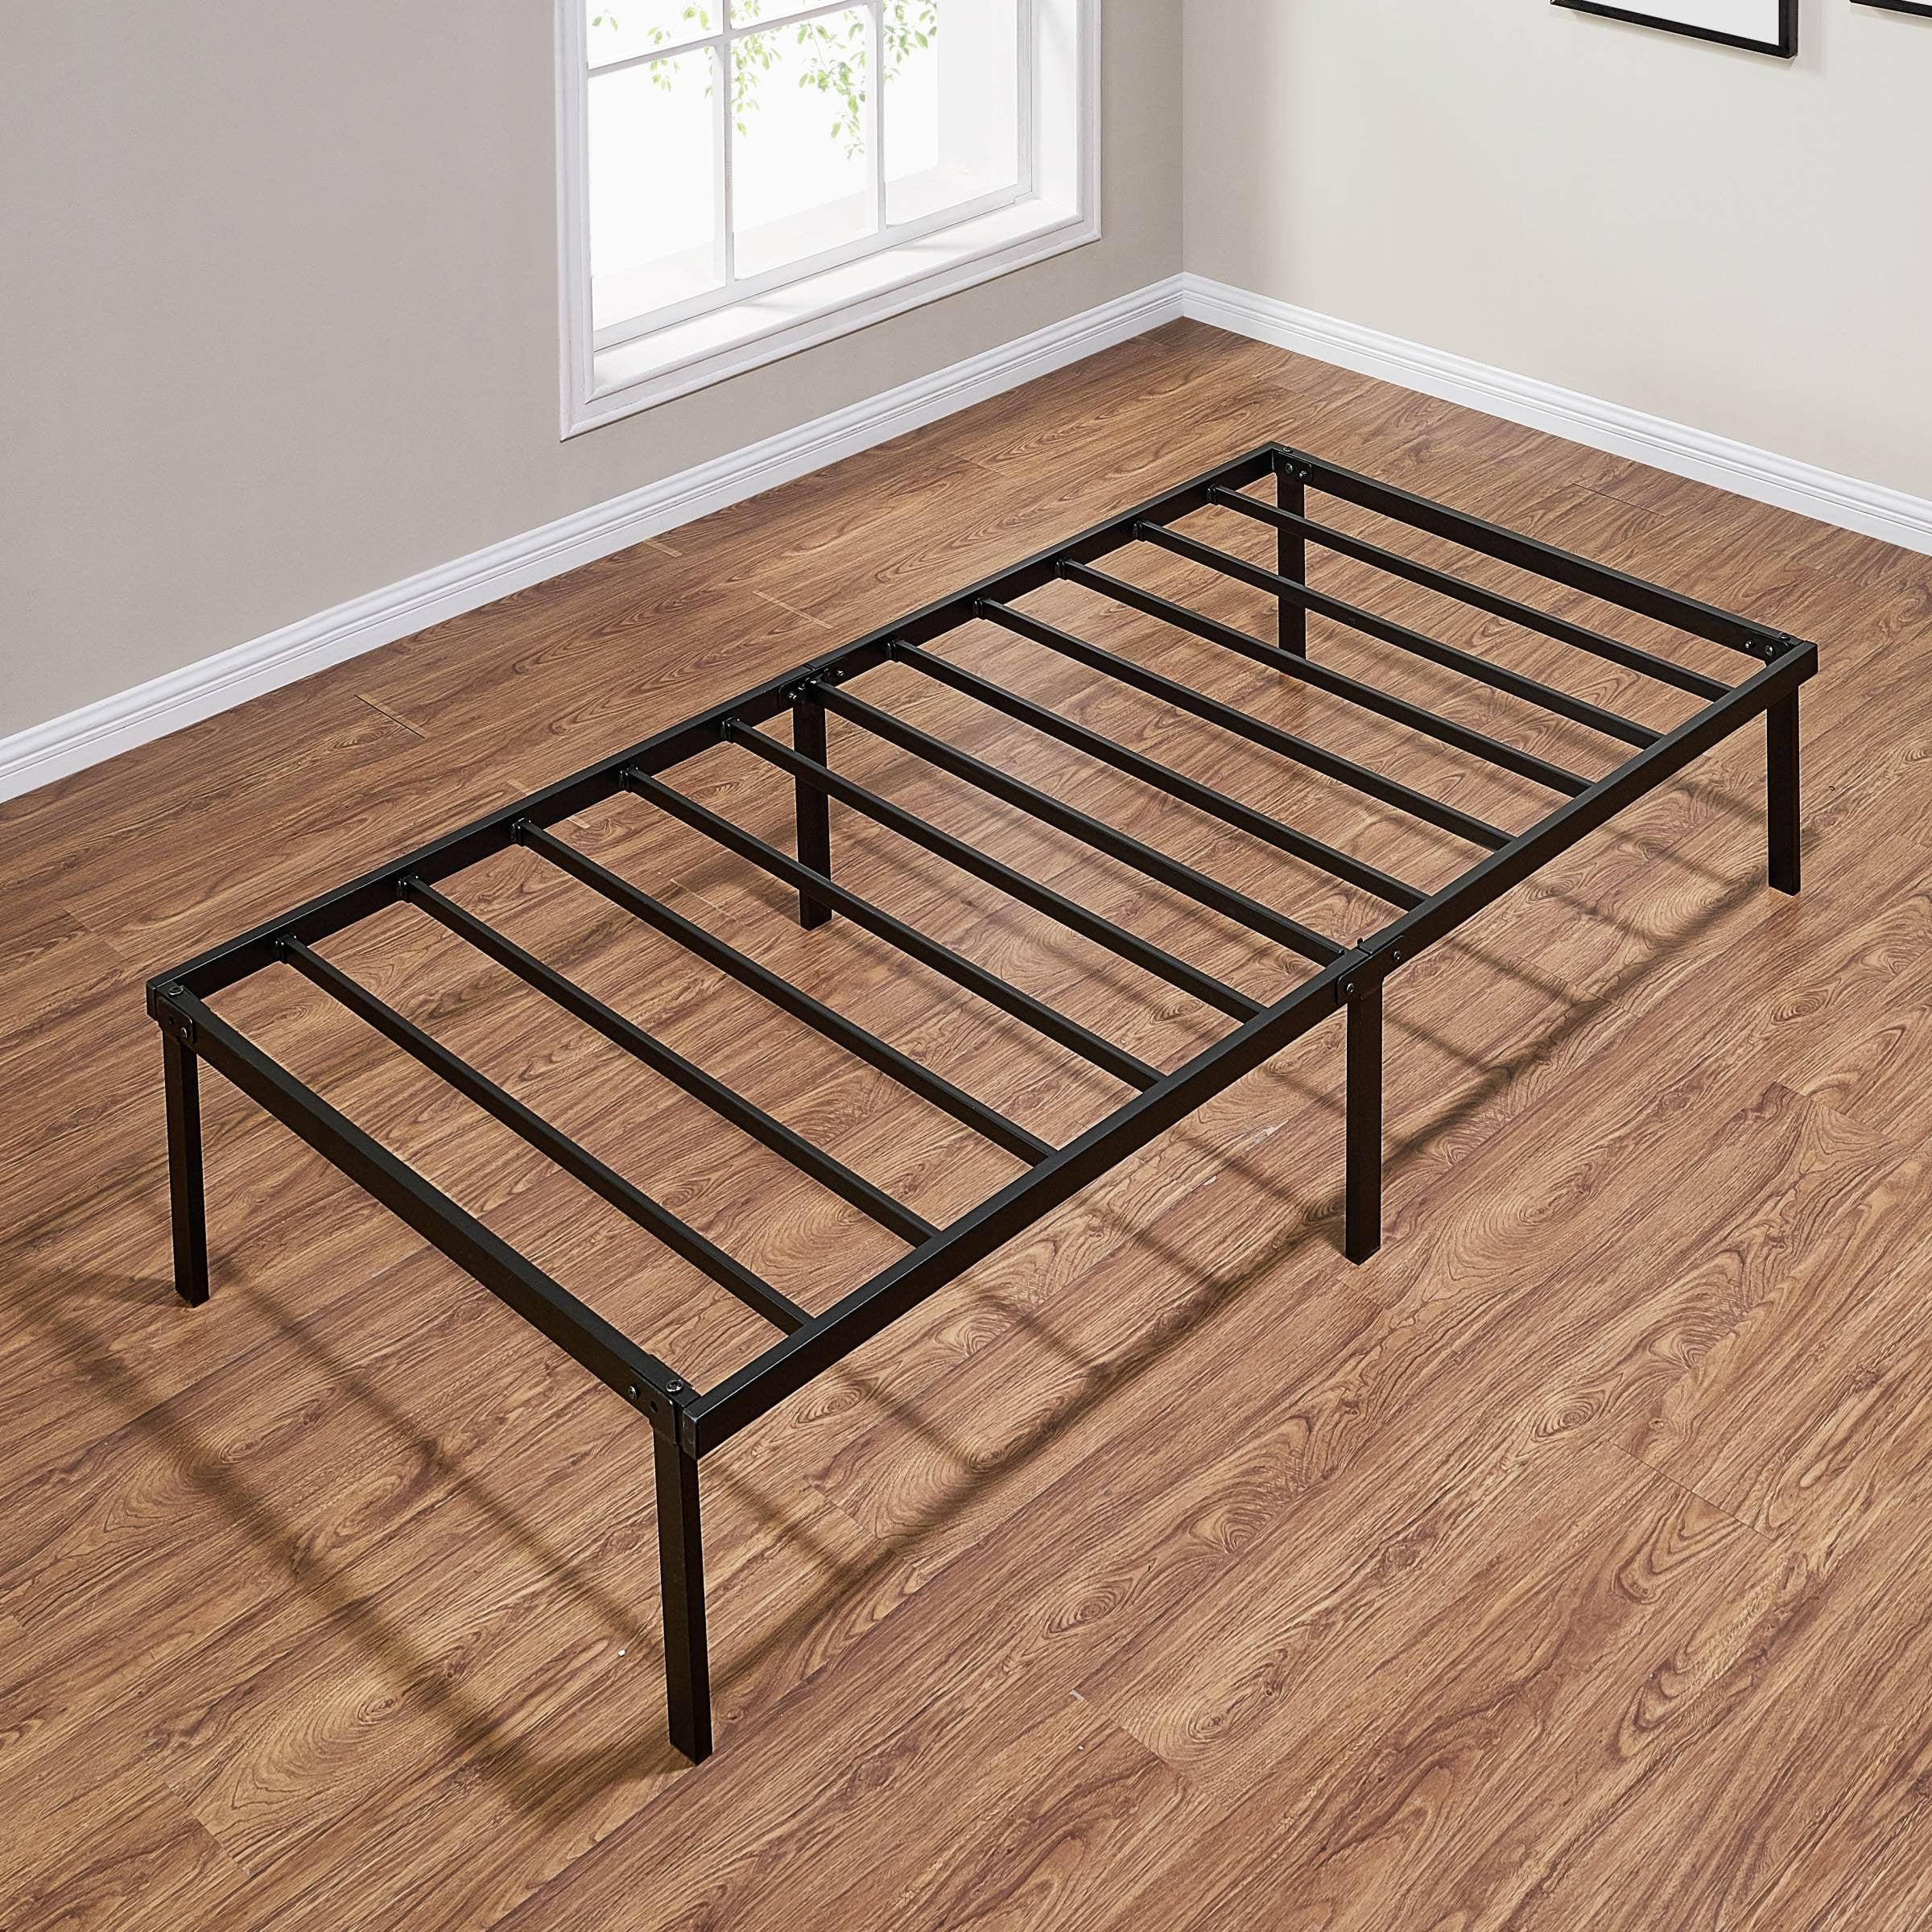 Mainstays 14 Heavy Duty Slat Bed Frame Black Steel Twin Walmart Com Walmart Com